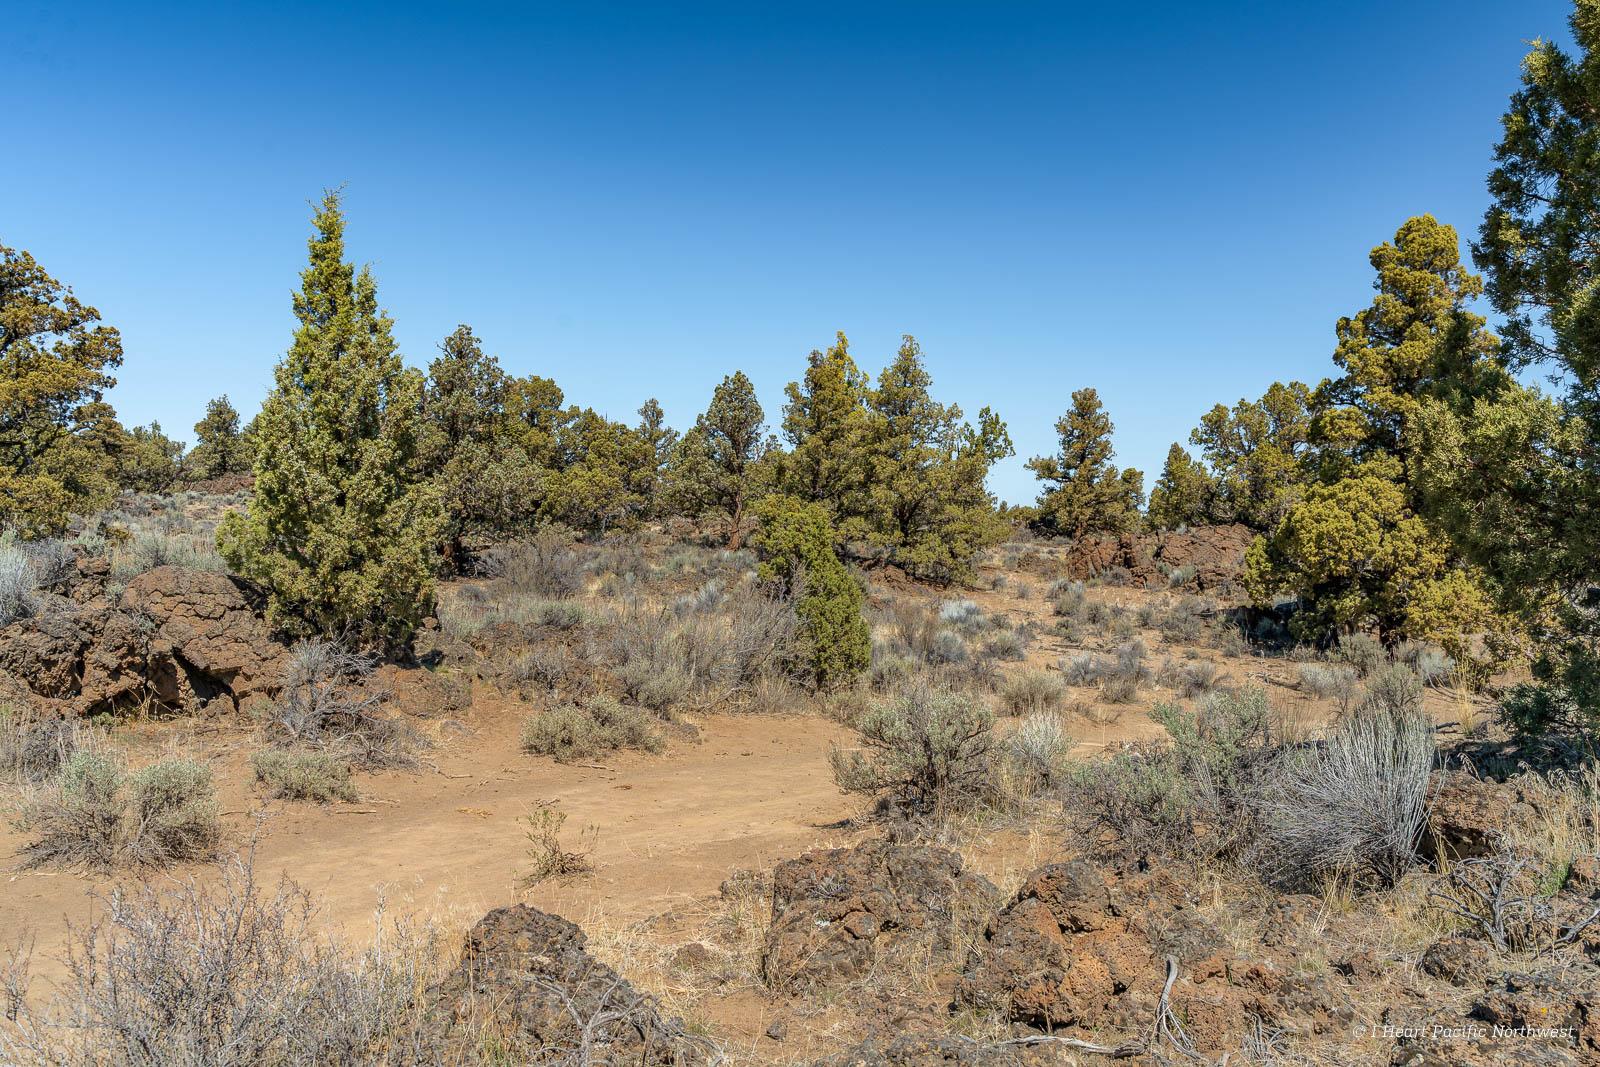 Oregon Badlands Wilderness